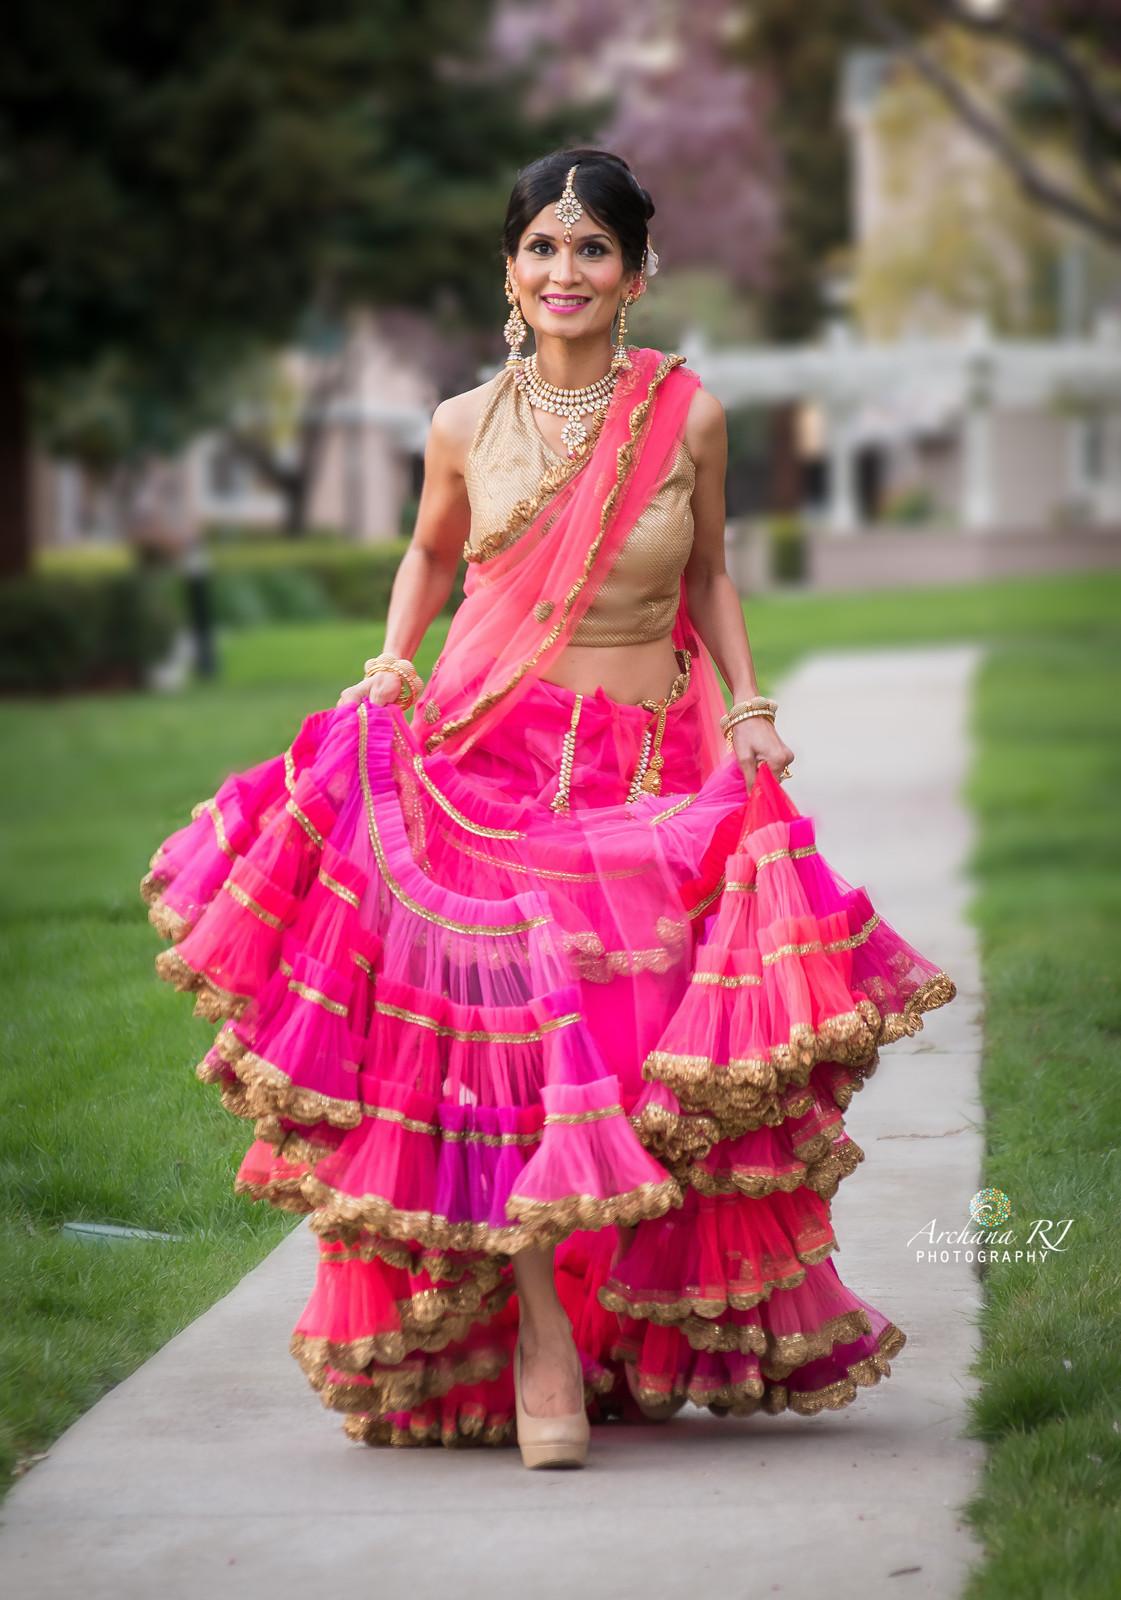 Indian/Cultural